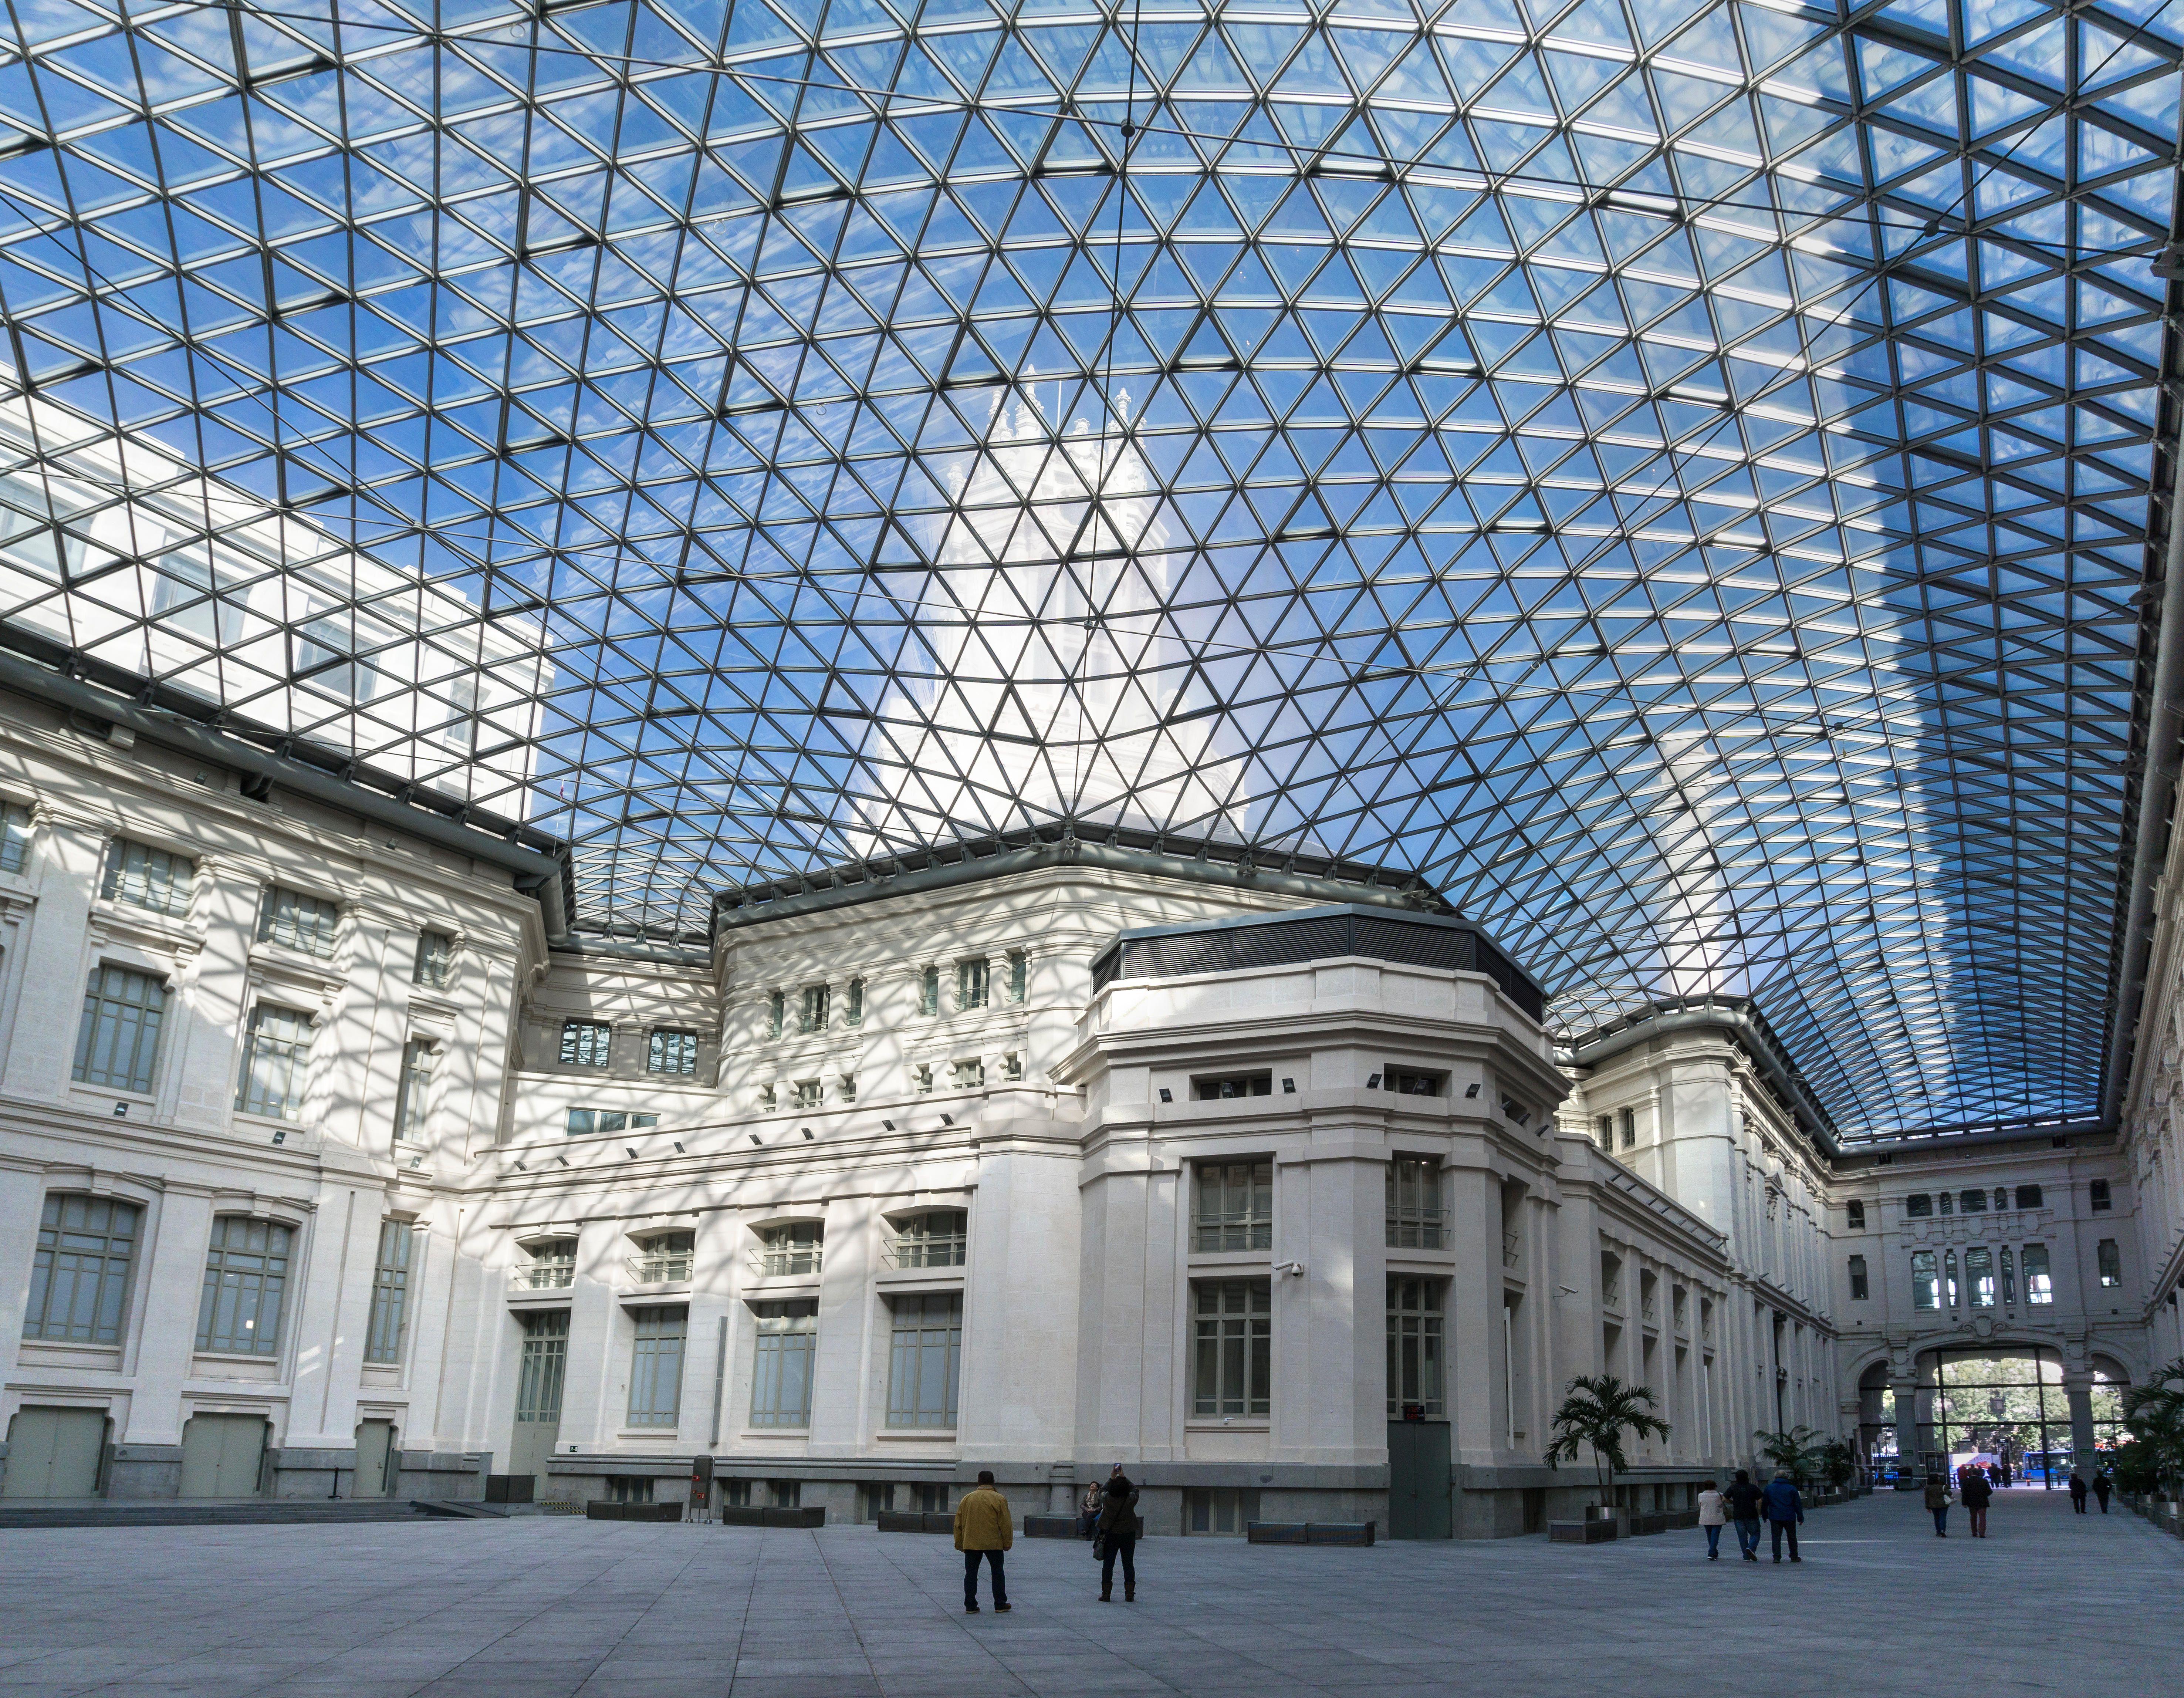 Un Siglo Para El Palacio De Cibeles Arquitectura Palacios Edificios